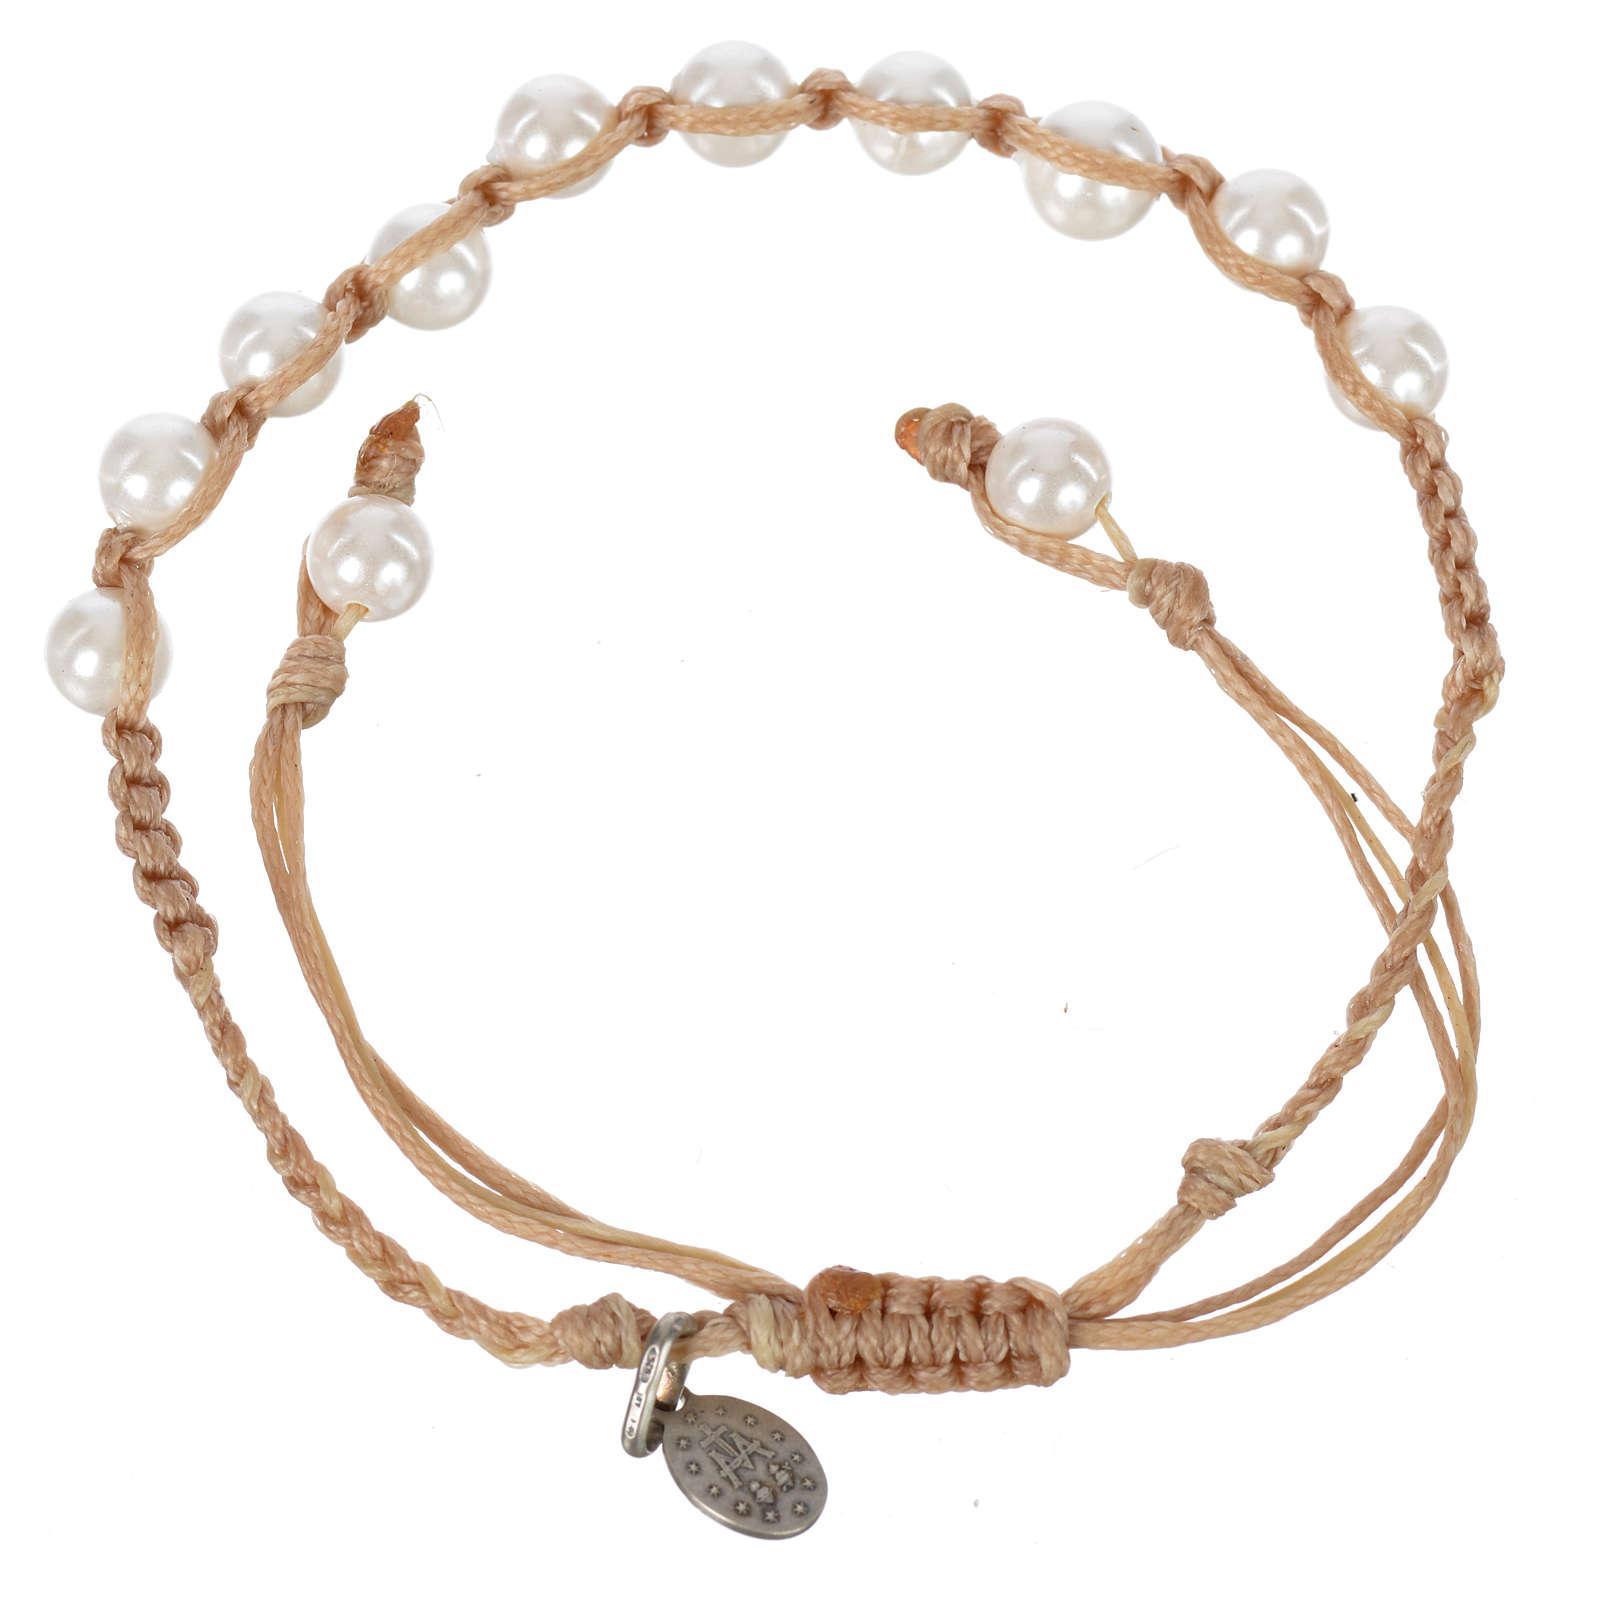 Pulsera Perla Blanca Medalla Virgen Milagrosa Plata 925 cuerda color arena 4